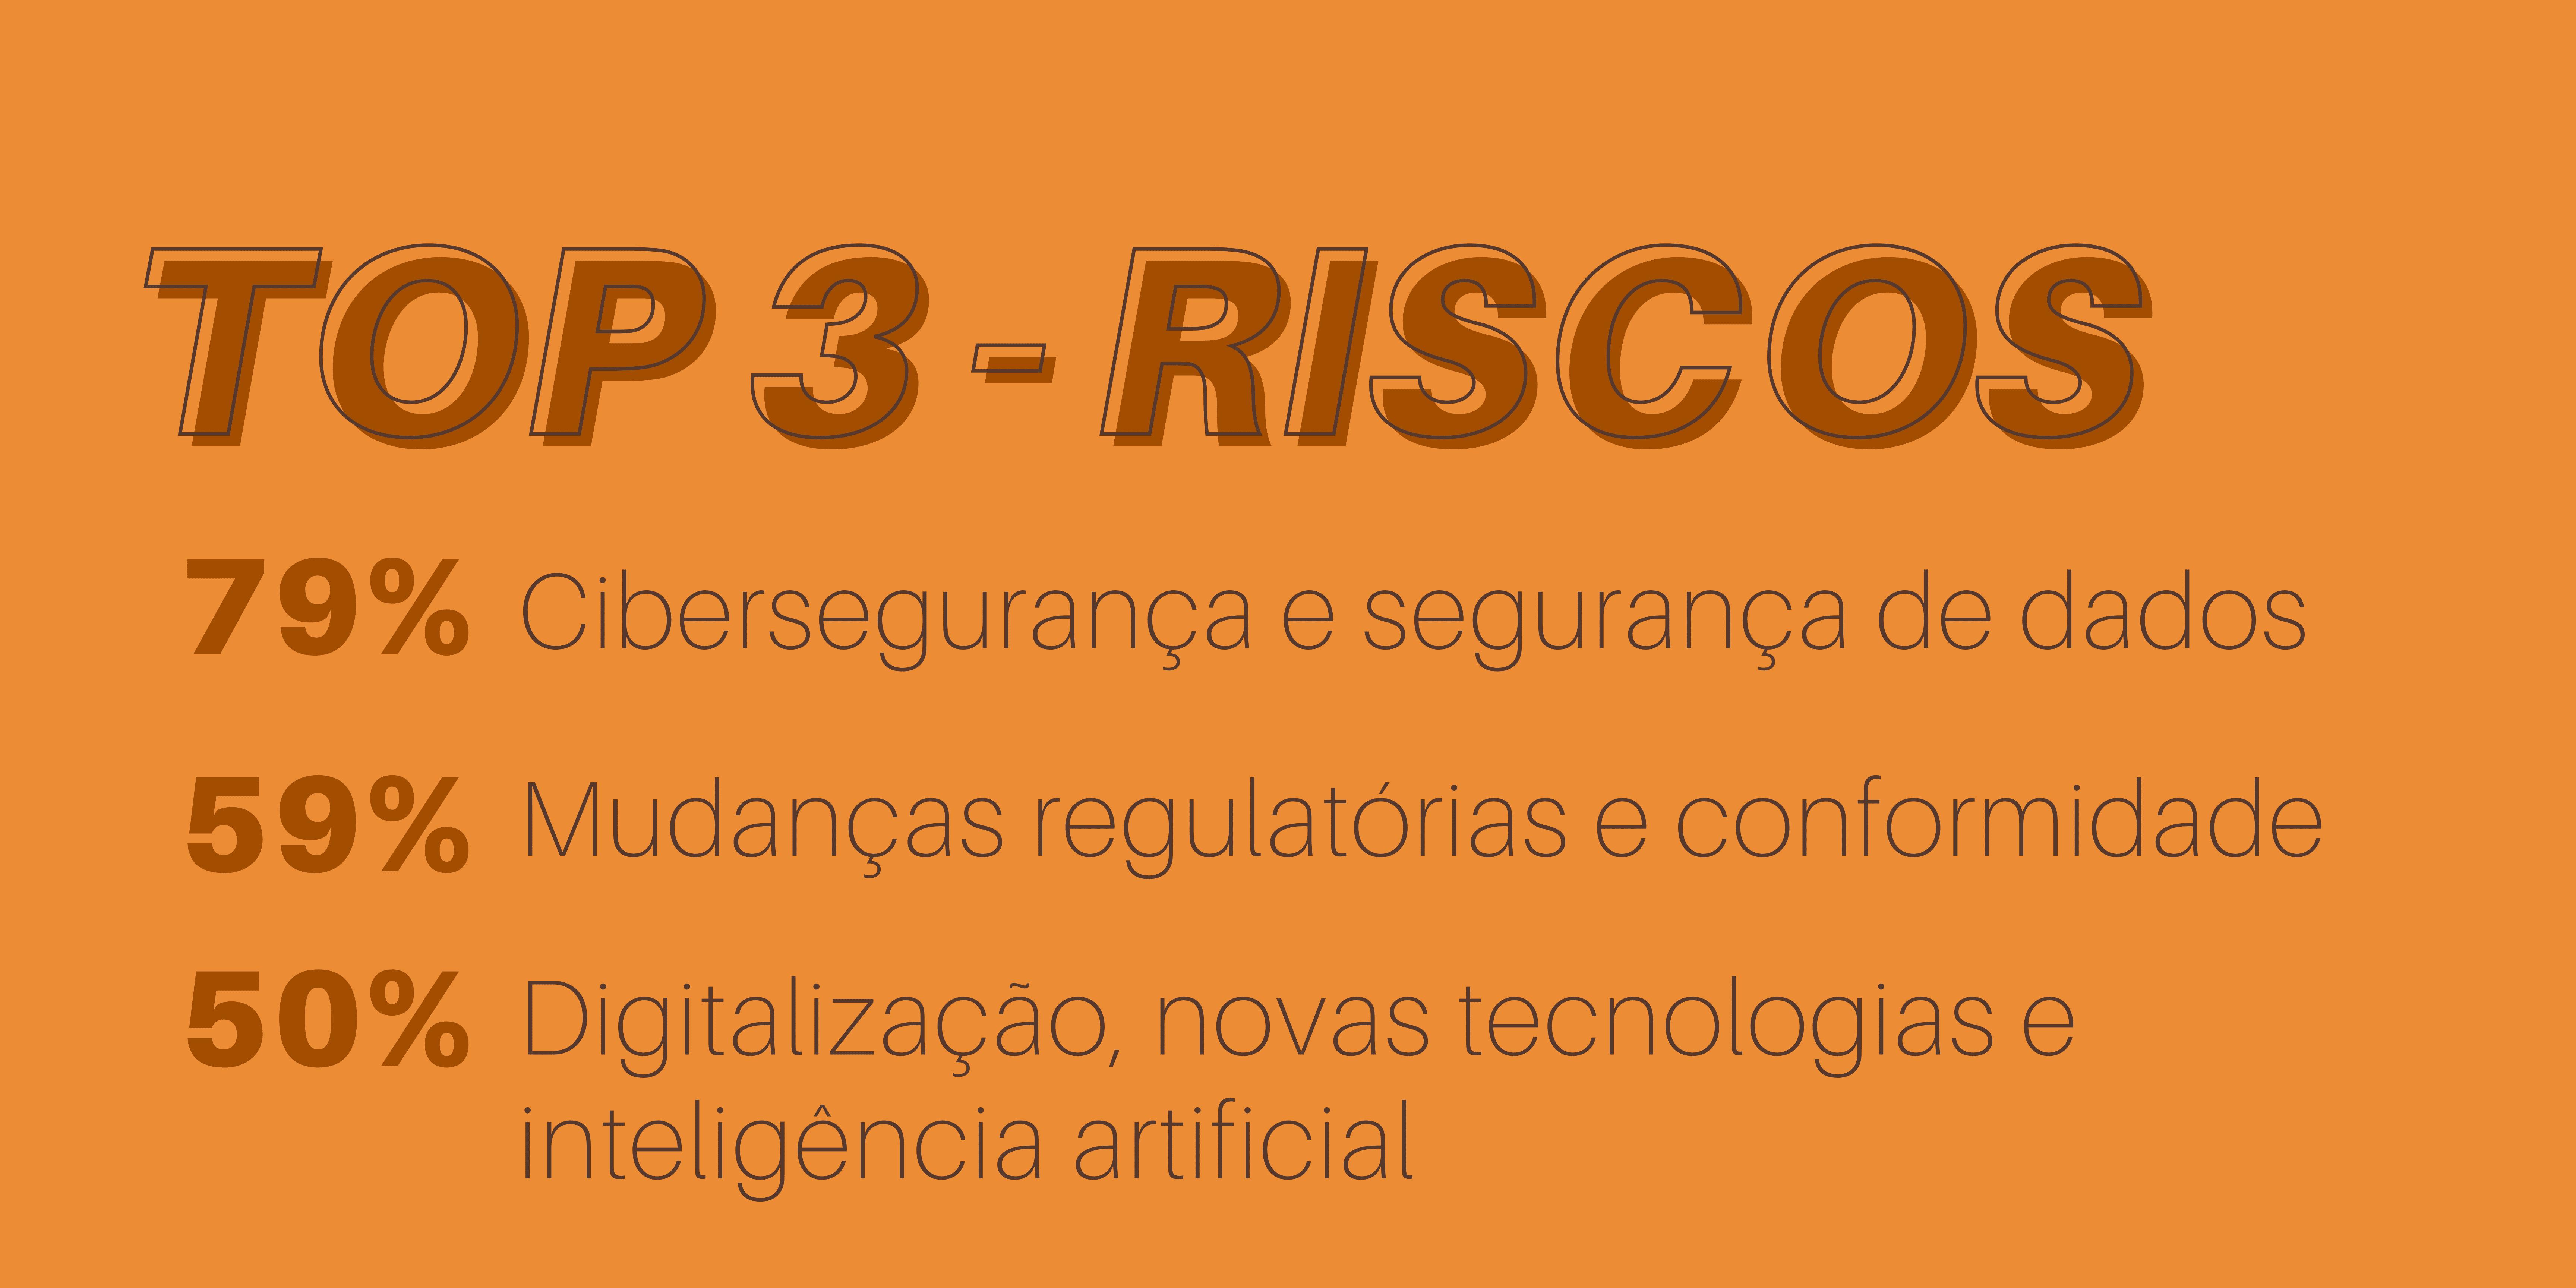 TOP 3 RISCOS - Auditoria Interna em 2021